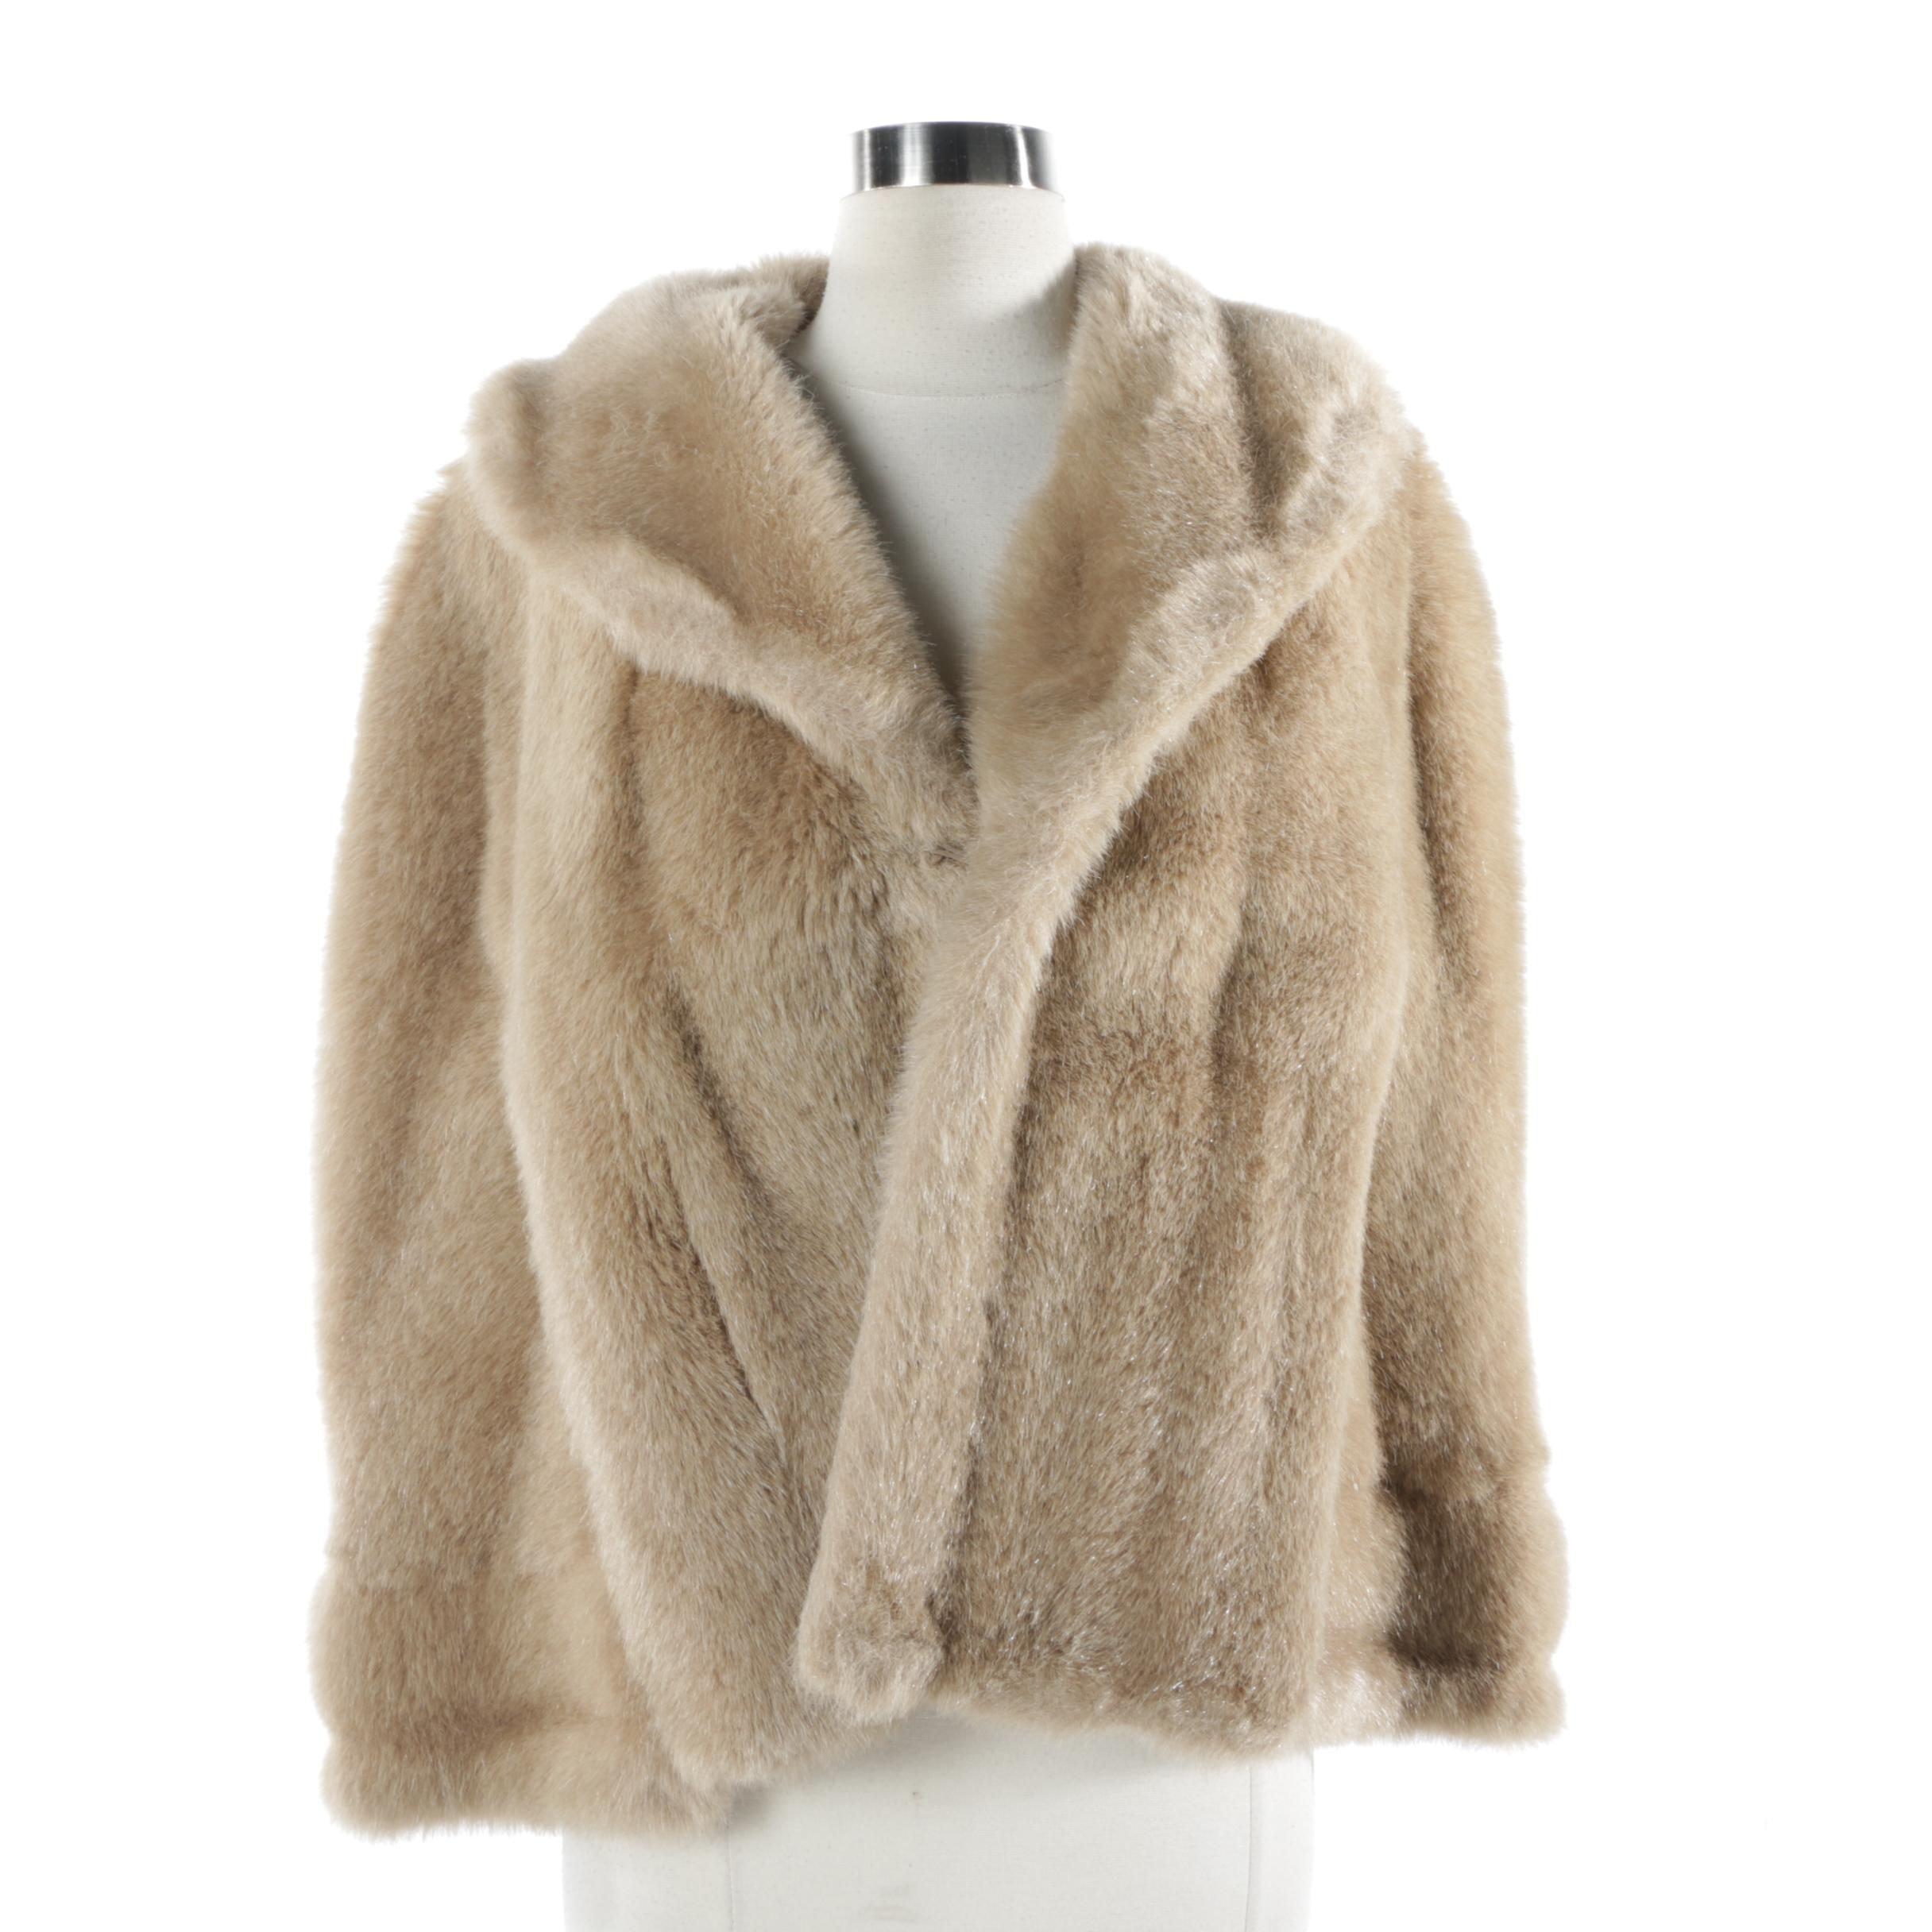 Vintage Faux Blonde Fur Cape